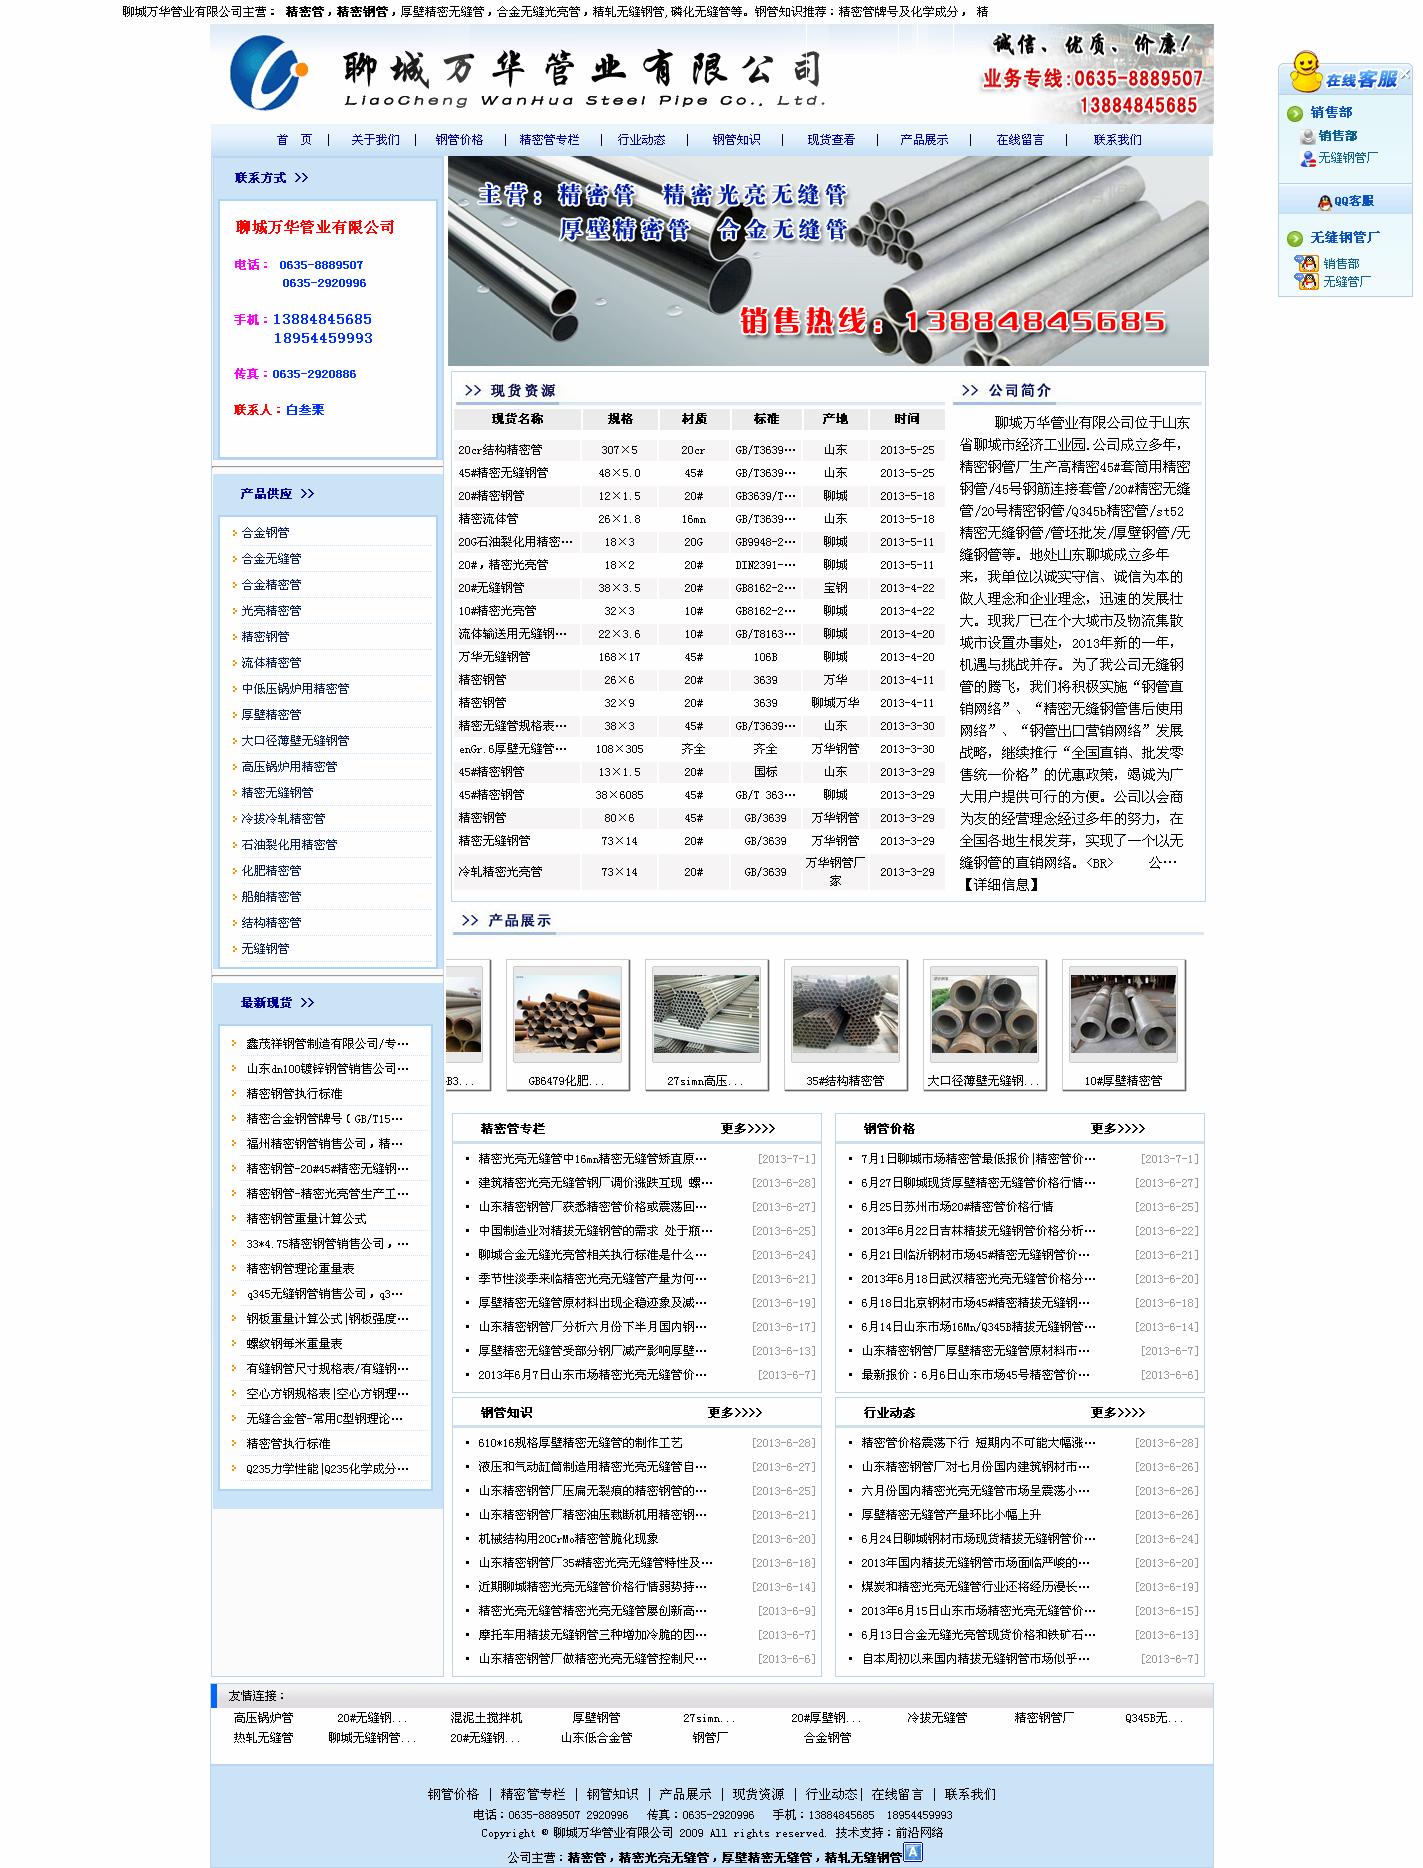 聊城网站优化